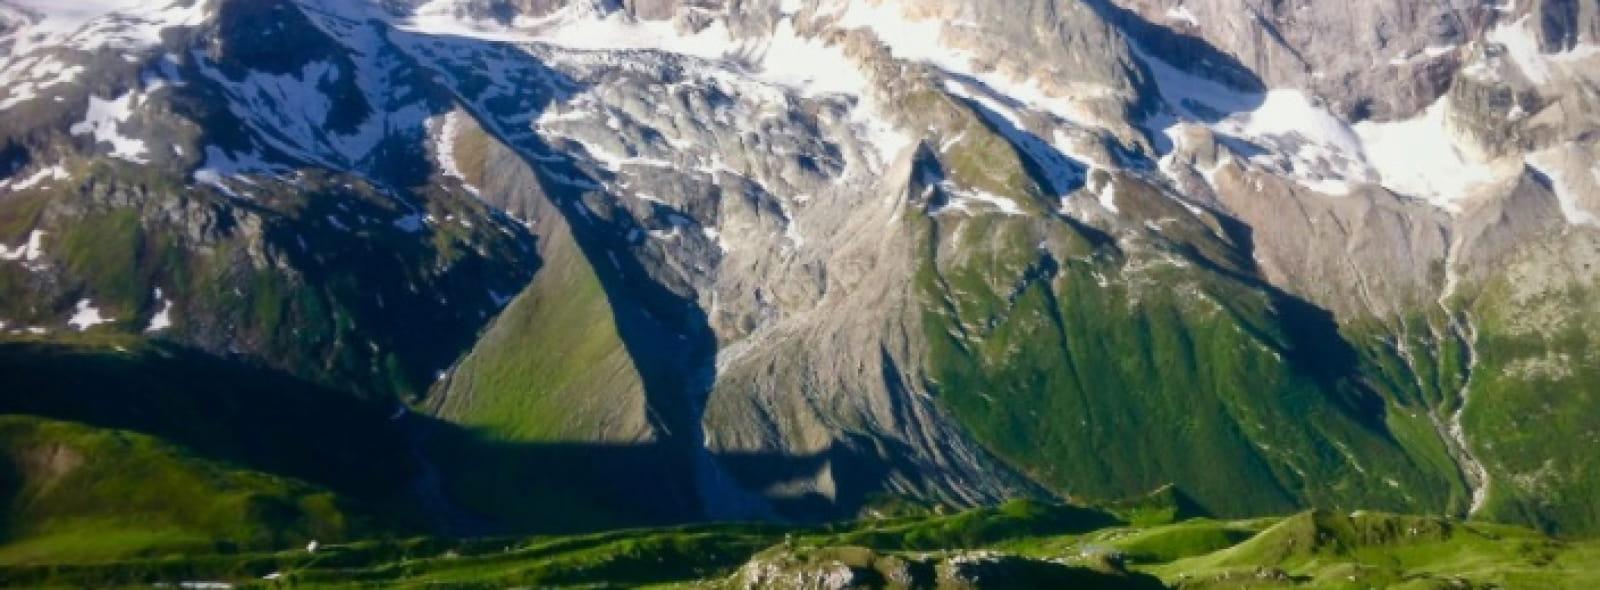 Montagne du Parc National de la Vanoise